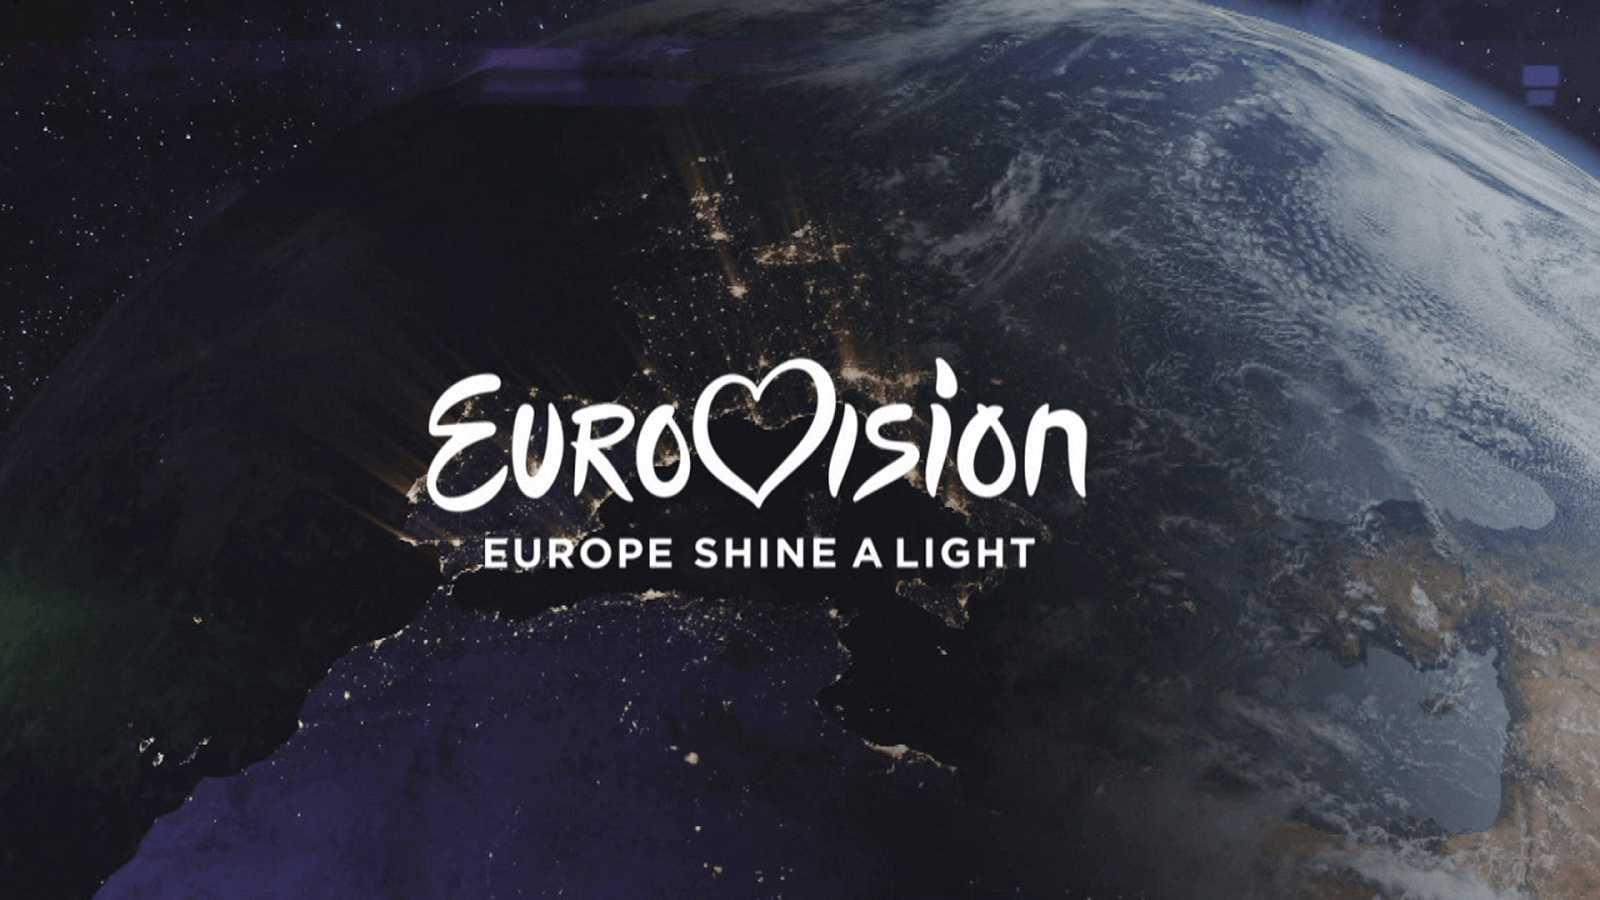 'Europe shine a light'